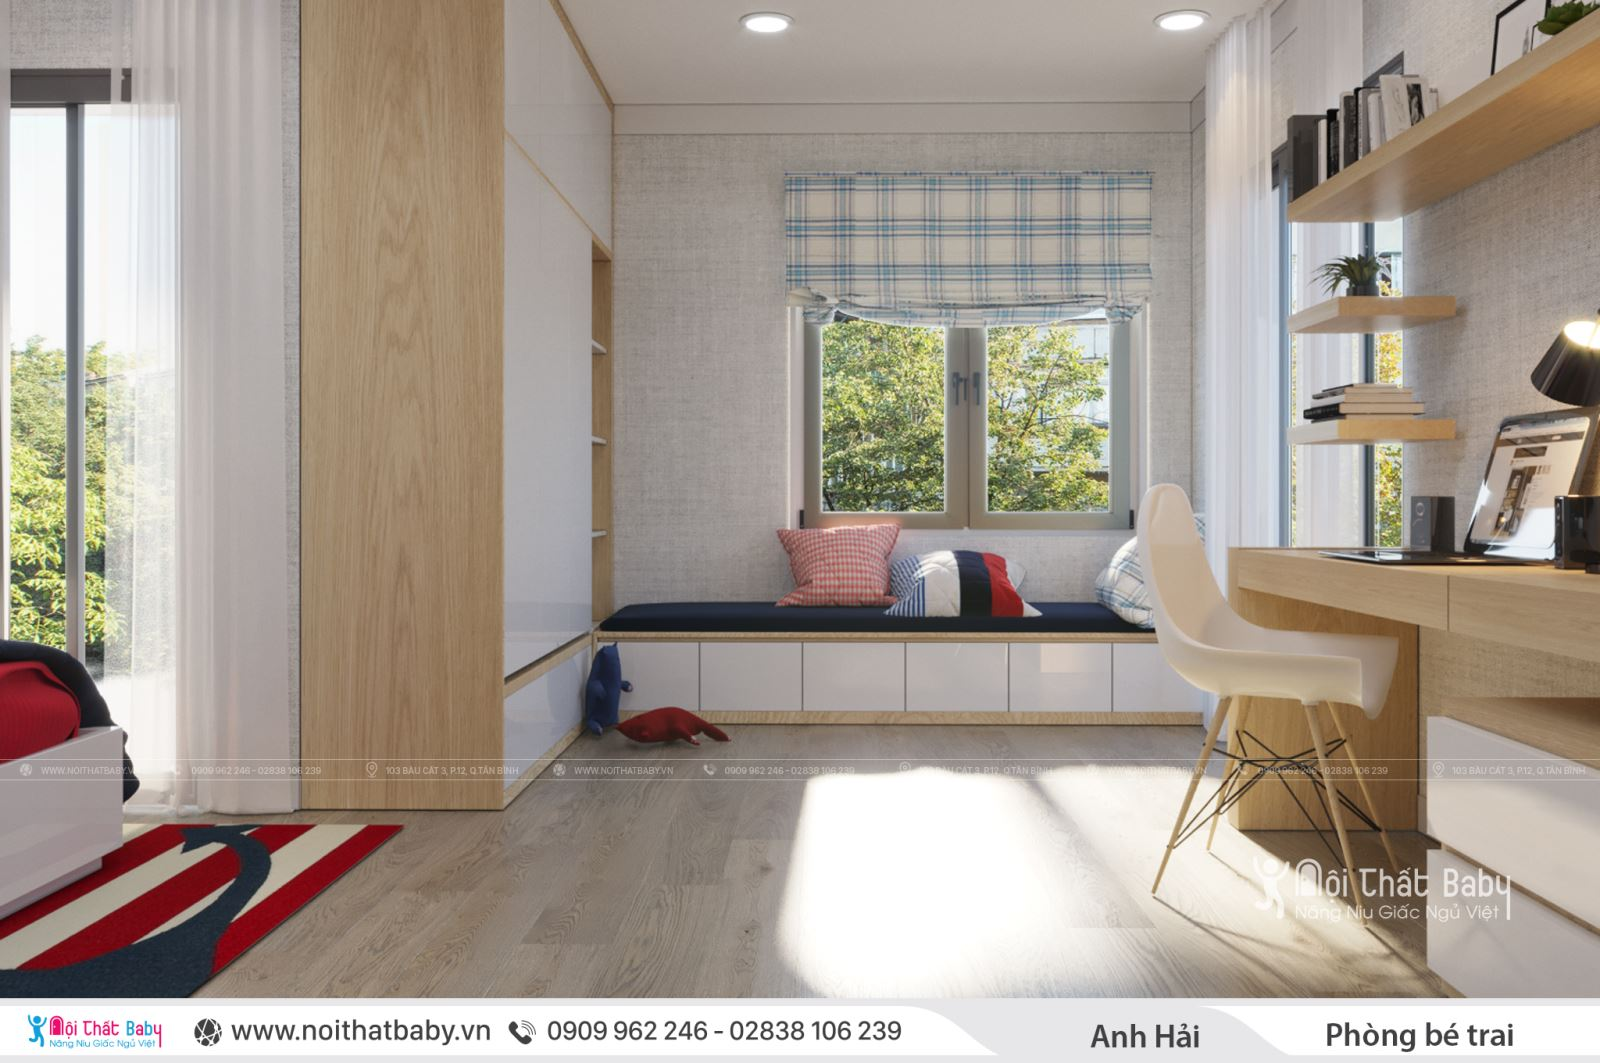 Mẫu phòng ngủ bé trai hiện đại